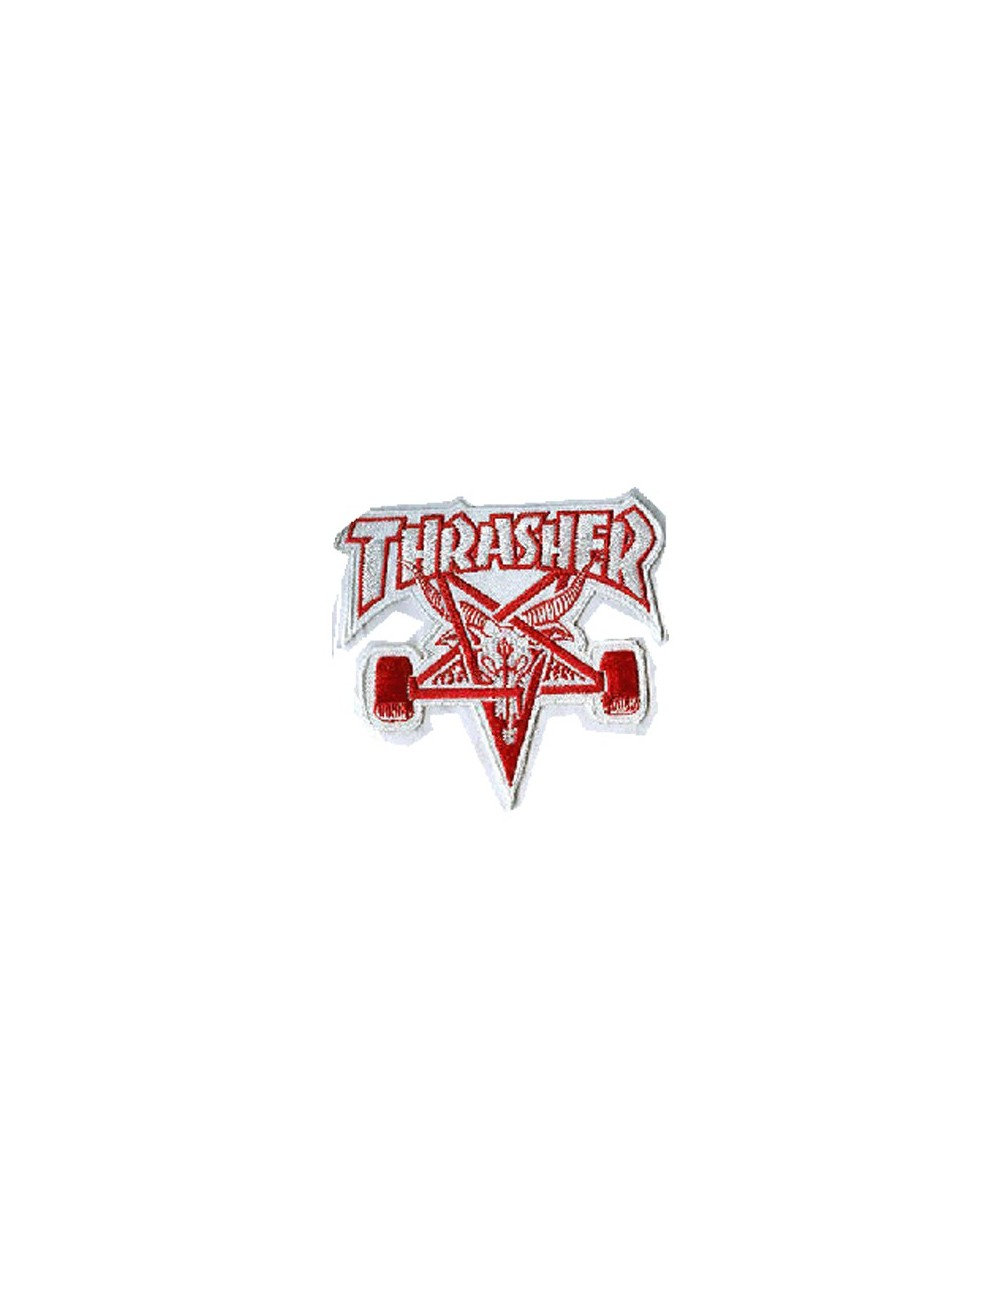 Thrasher Skate Goat Patch